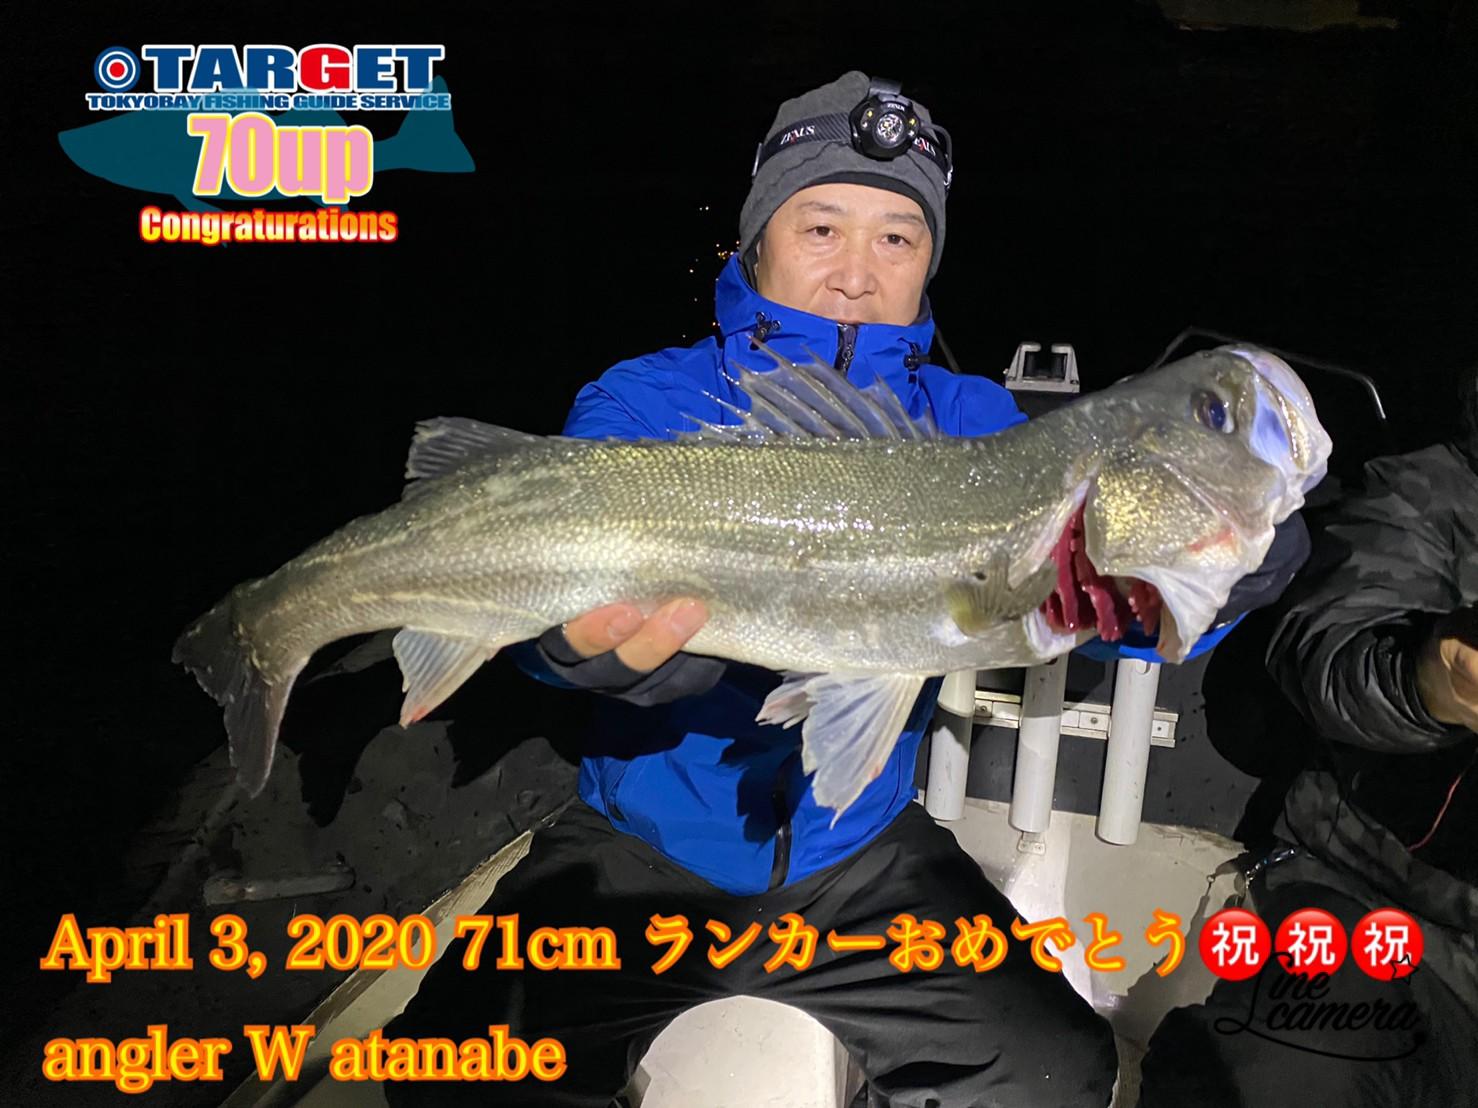 4/3 千葉県東京湾 ランカーシーバス